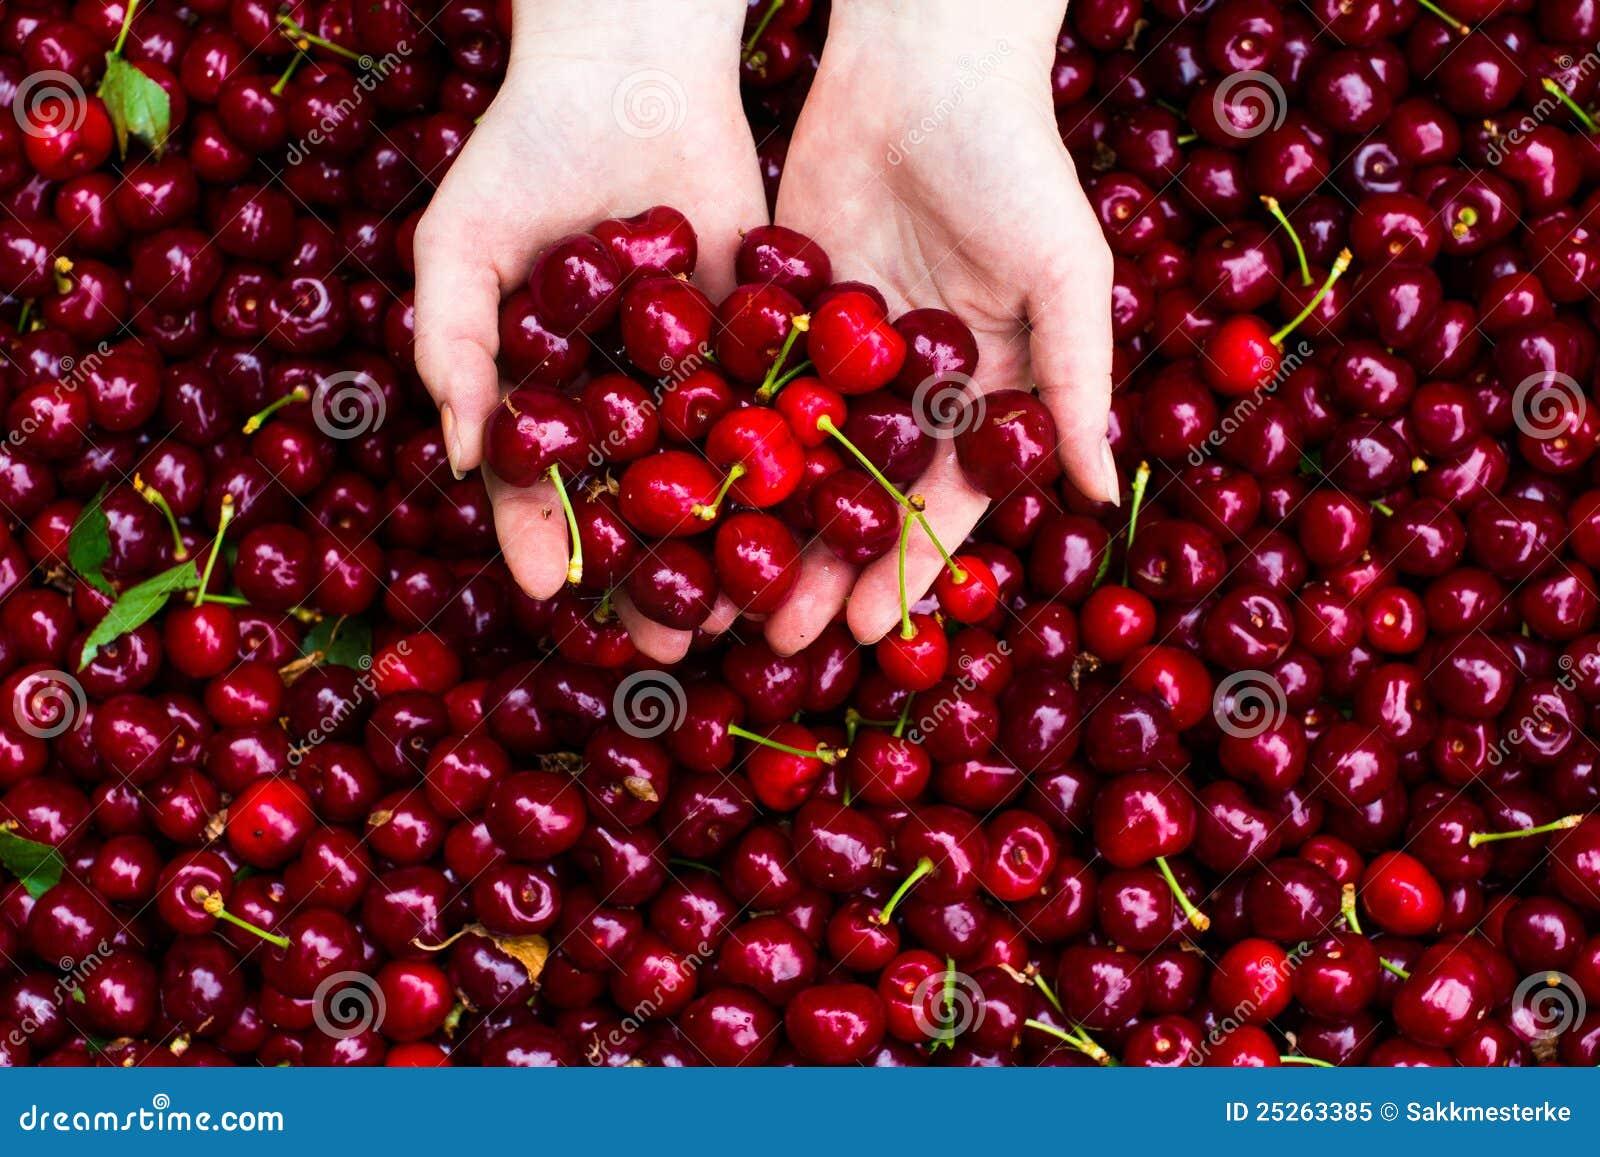 Cherry in hands